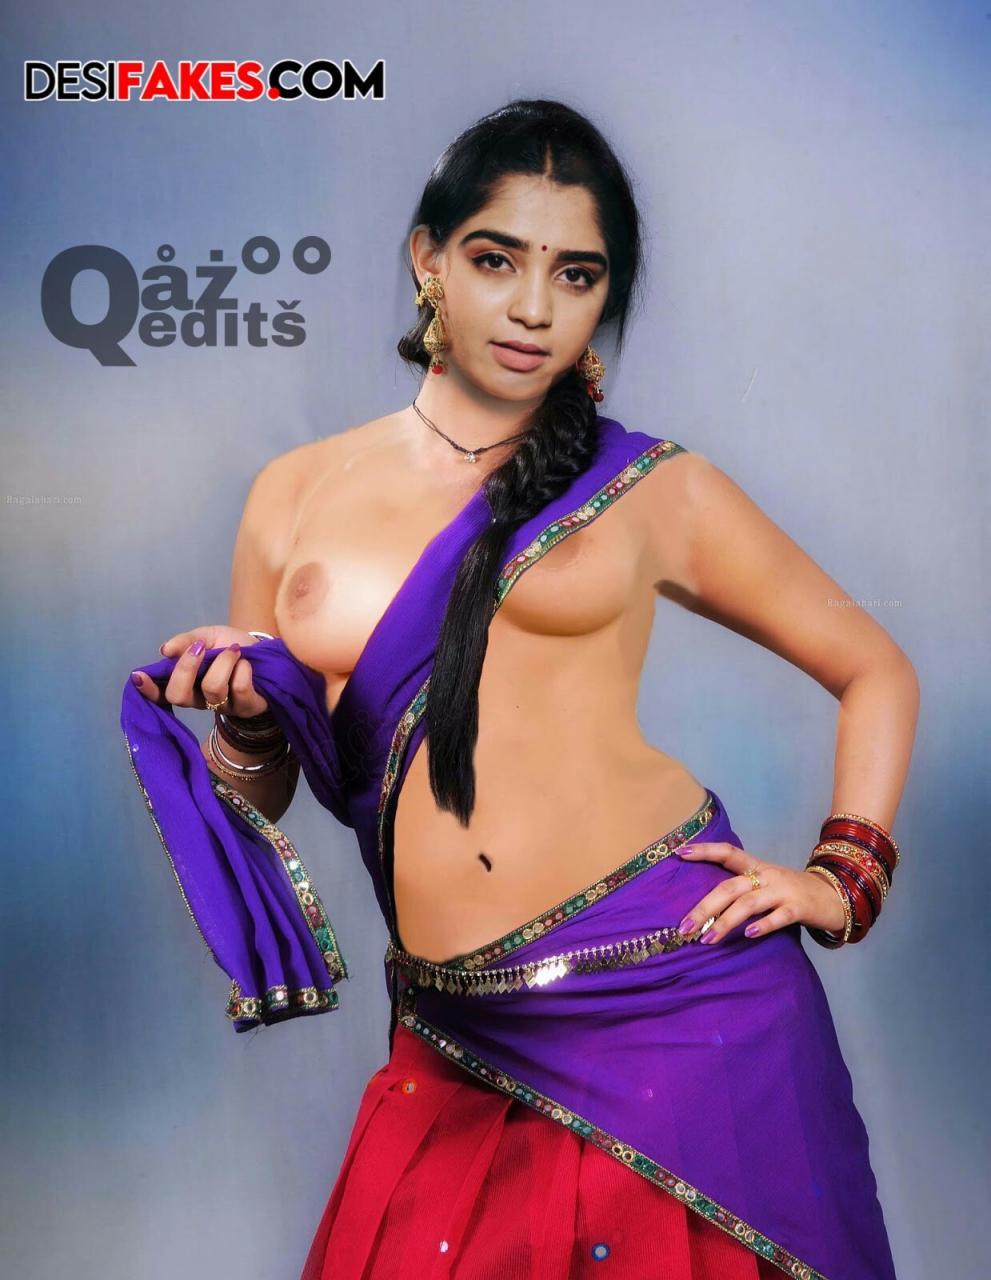 Gouri G Kishan Pic Xxx Nudes Fakes